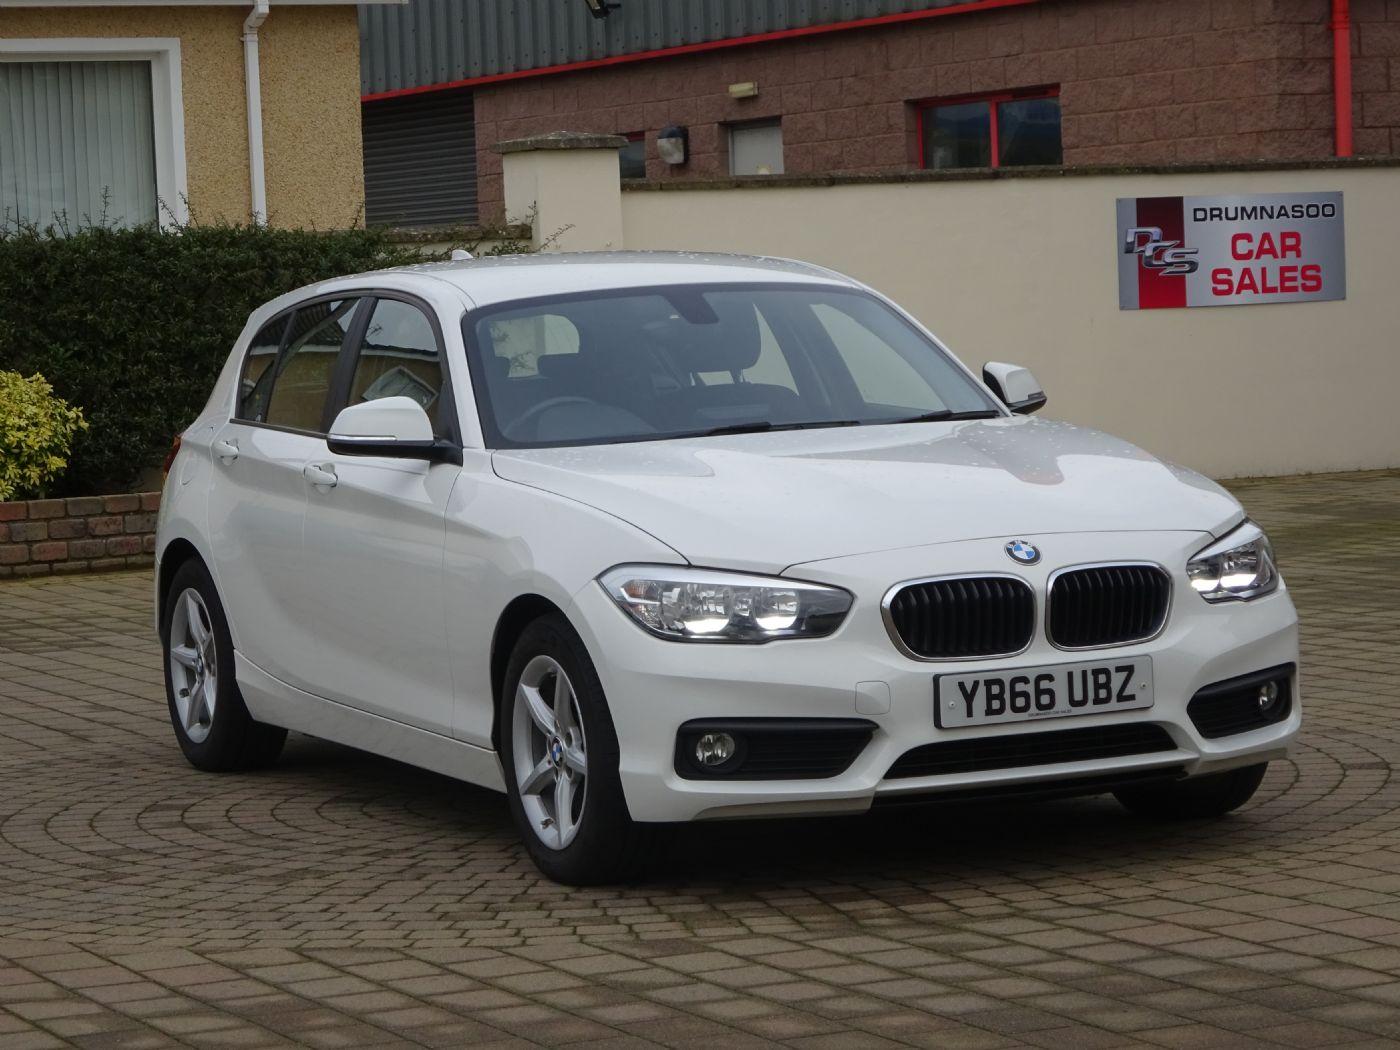 BMW 116D Ed Plus, Sat Nav, Zero Road Tax